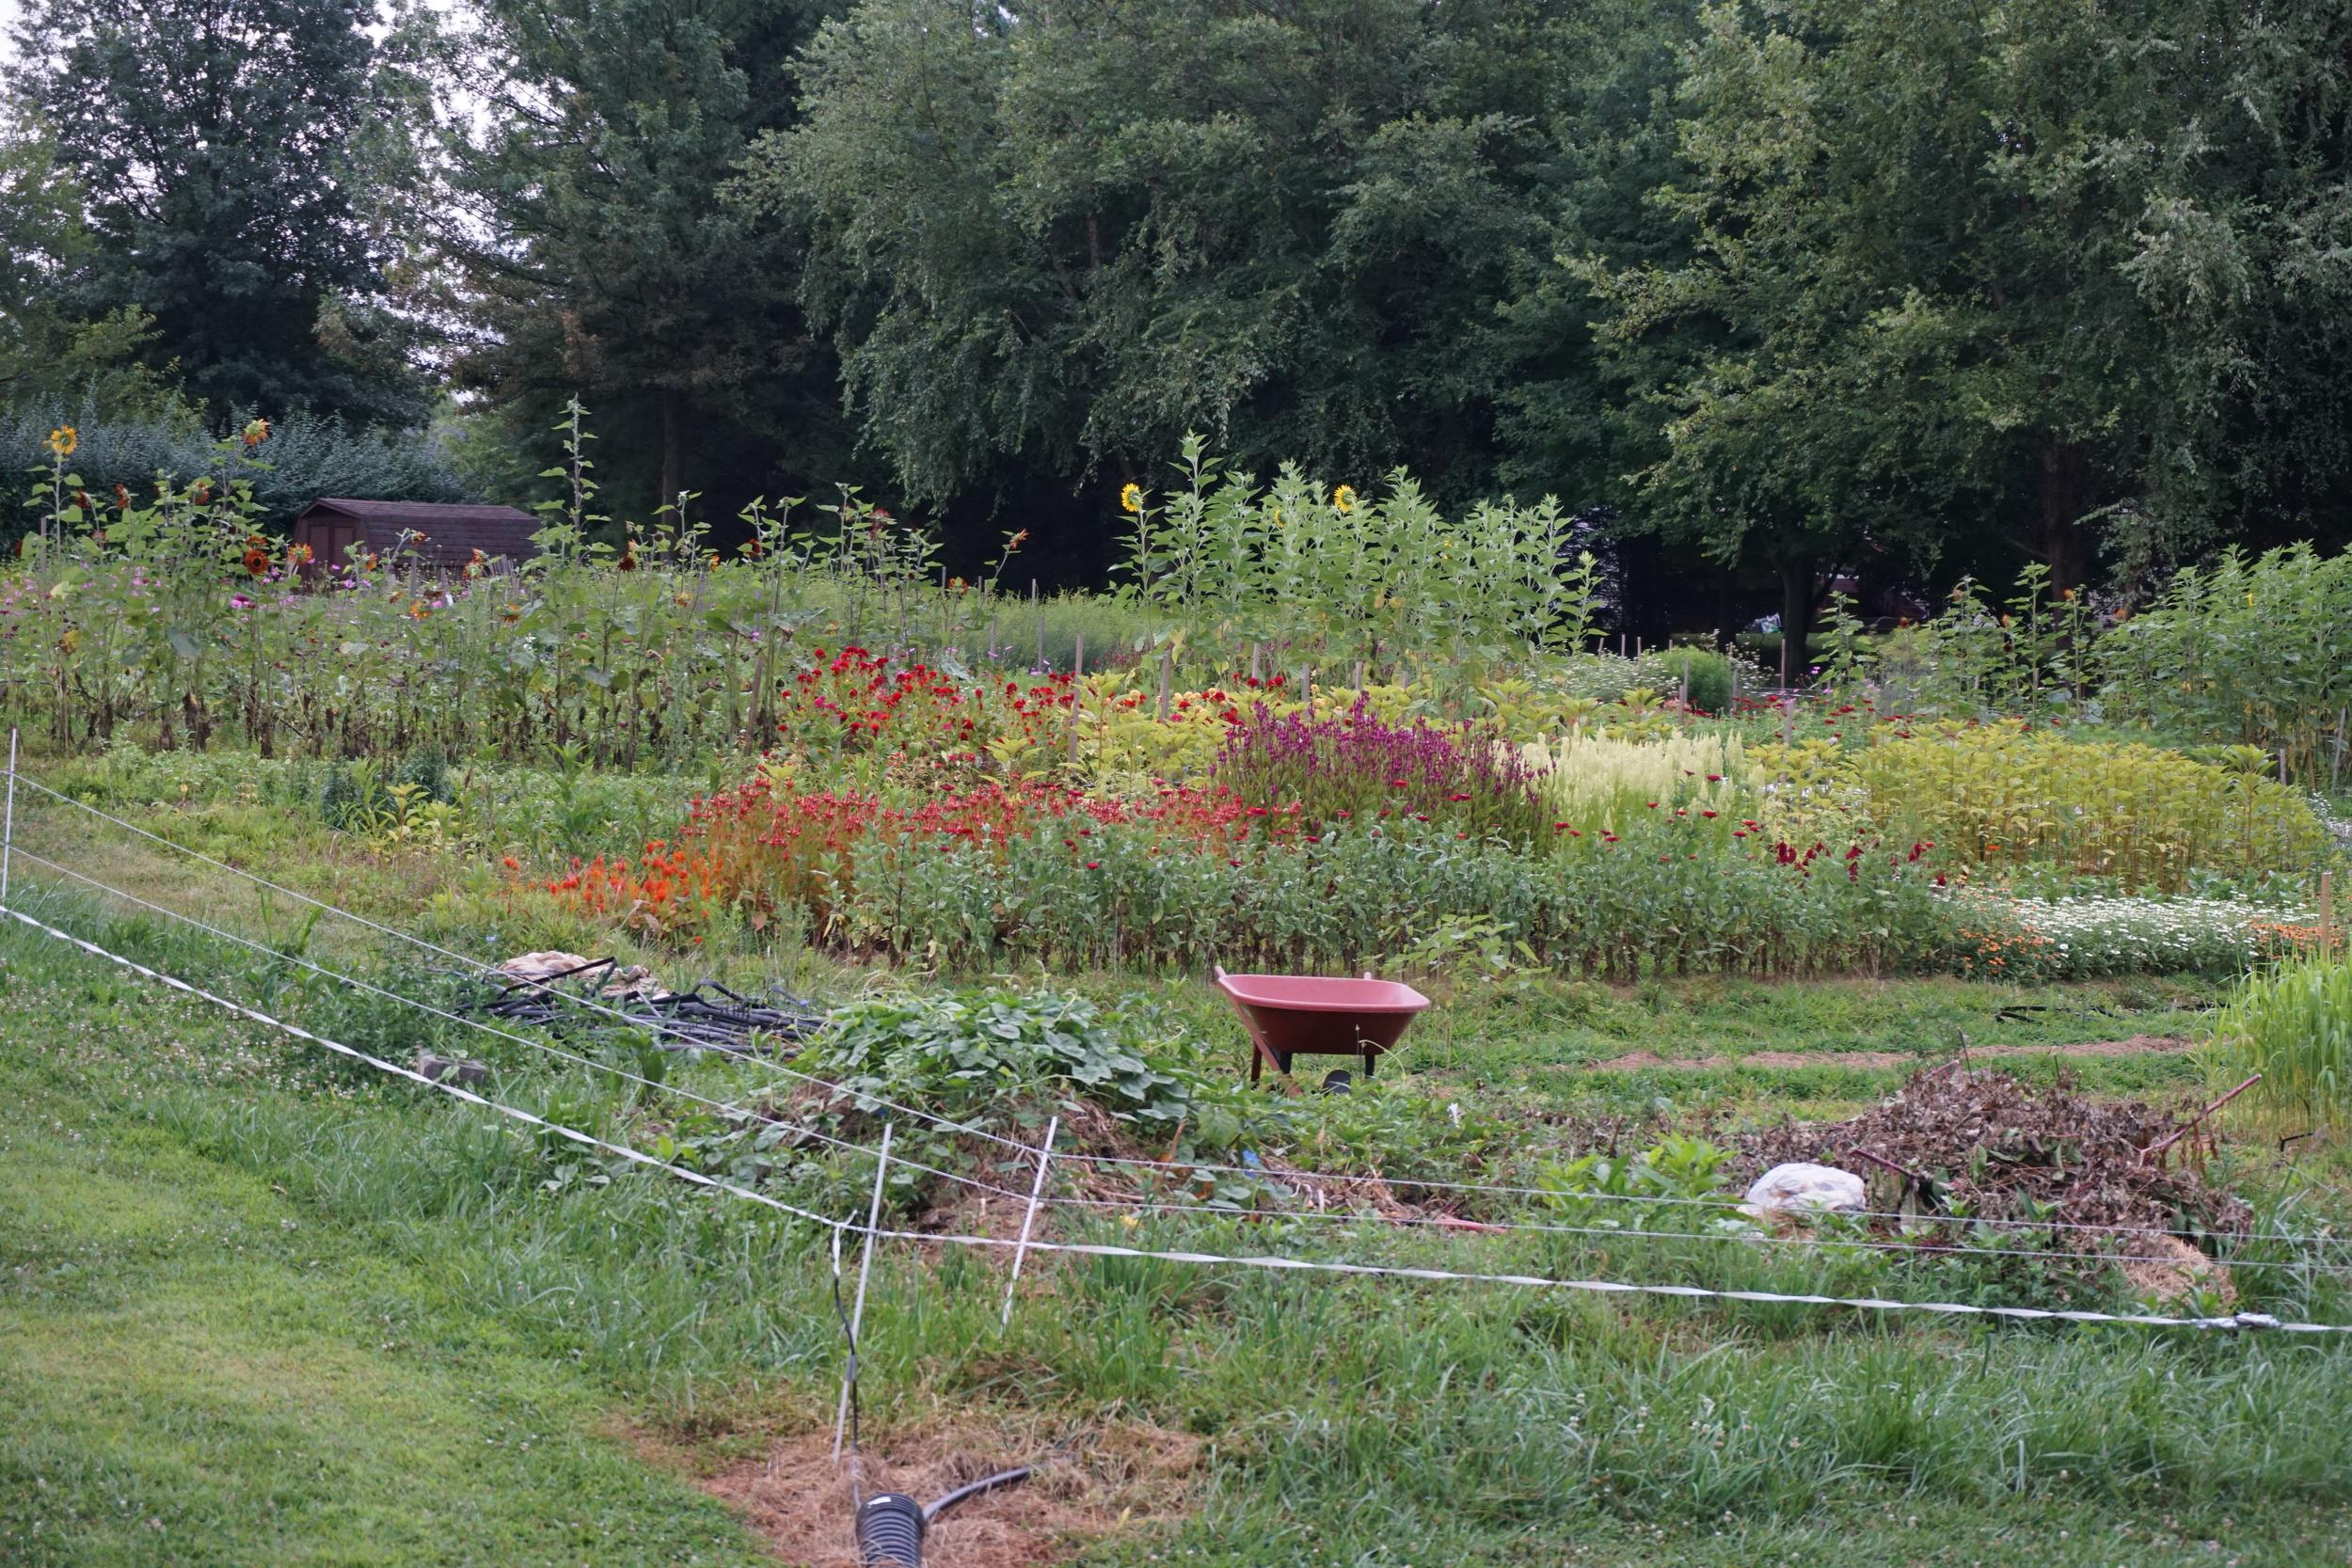 The farm, August 10th